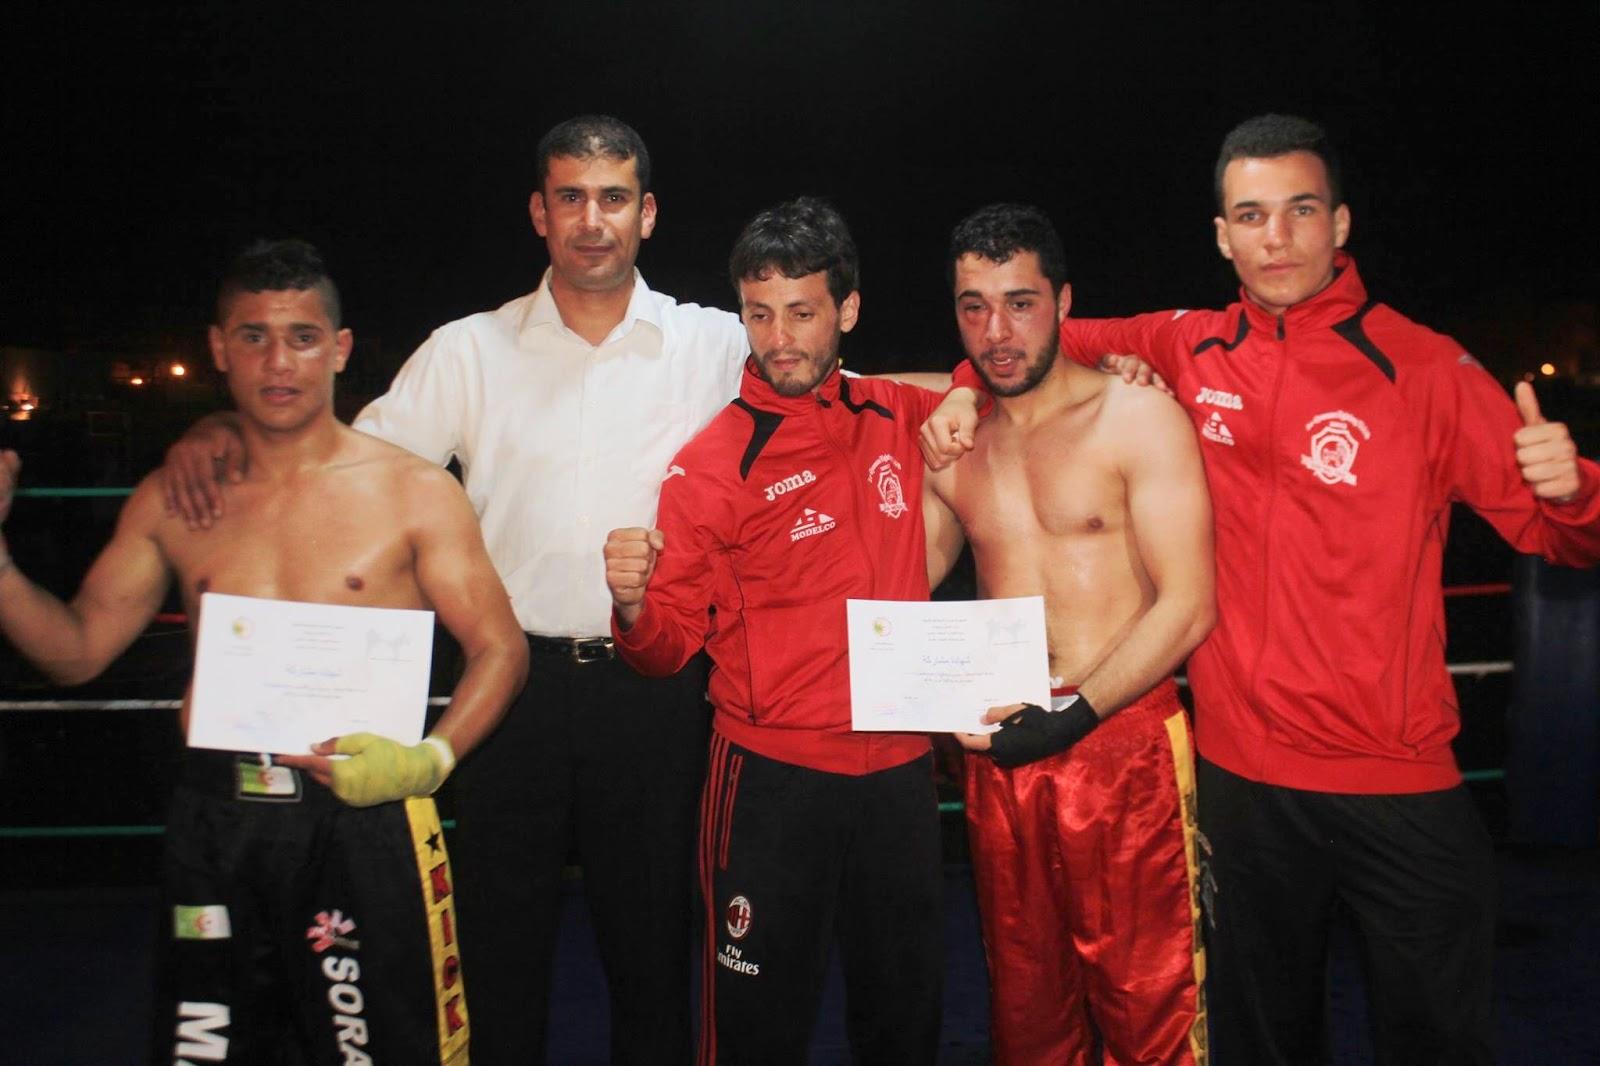 التظاهرة الثقافية الرياضية التي نظمتها جمعية آمال الشباب مرسى بن مهيدي